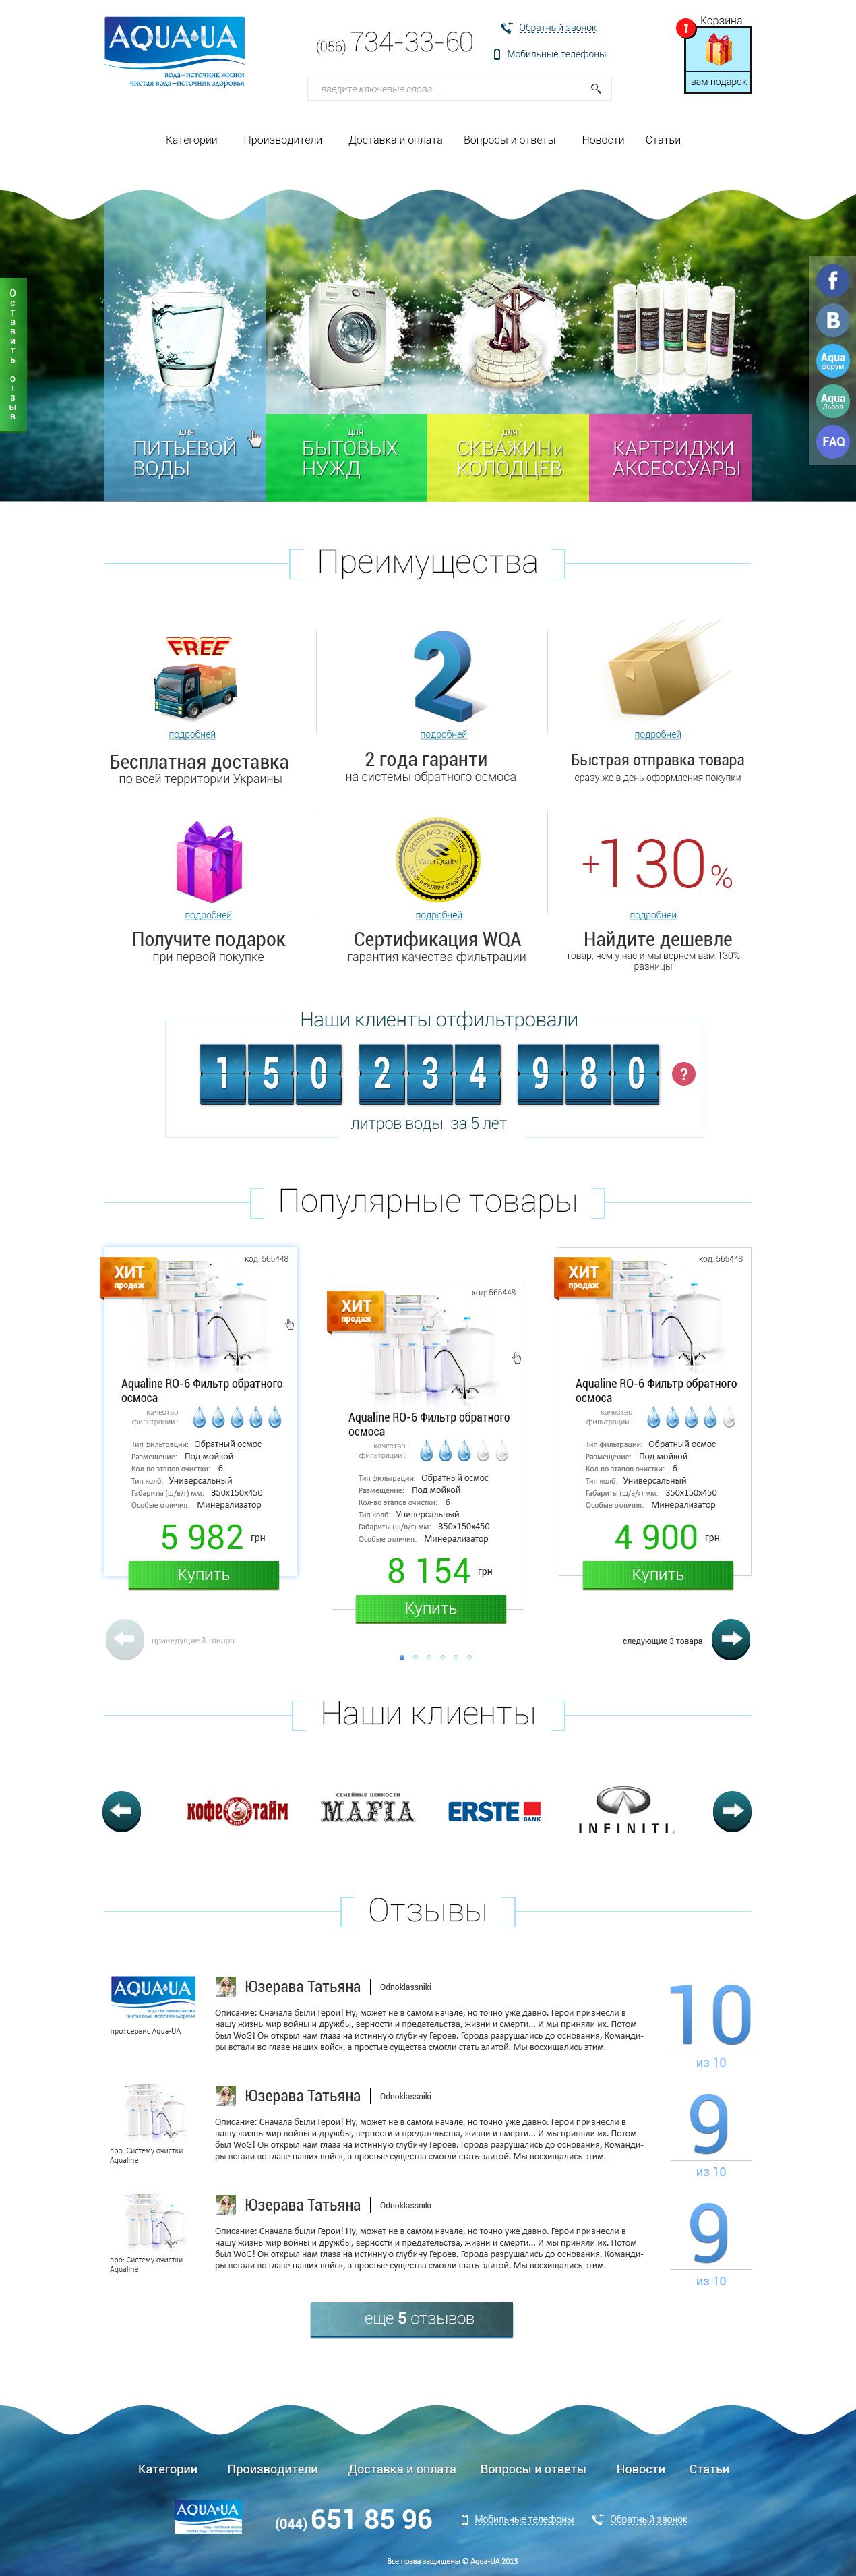 Дизайн Сайта www.aqua-ua.com